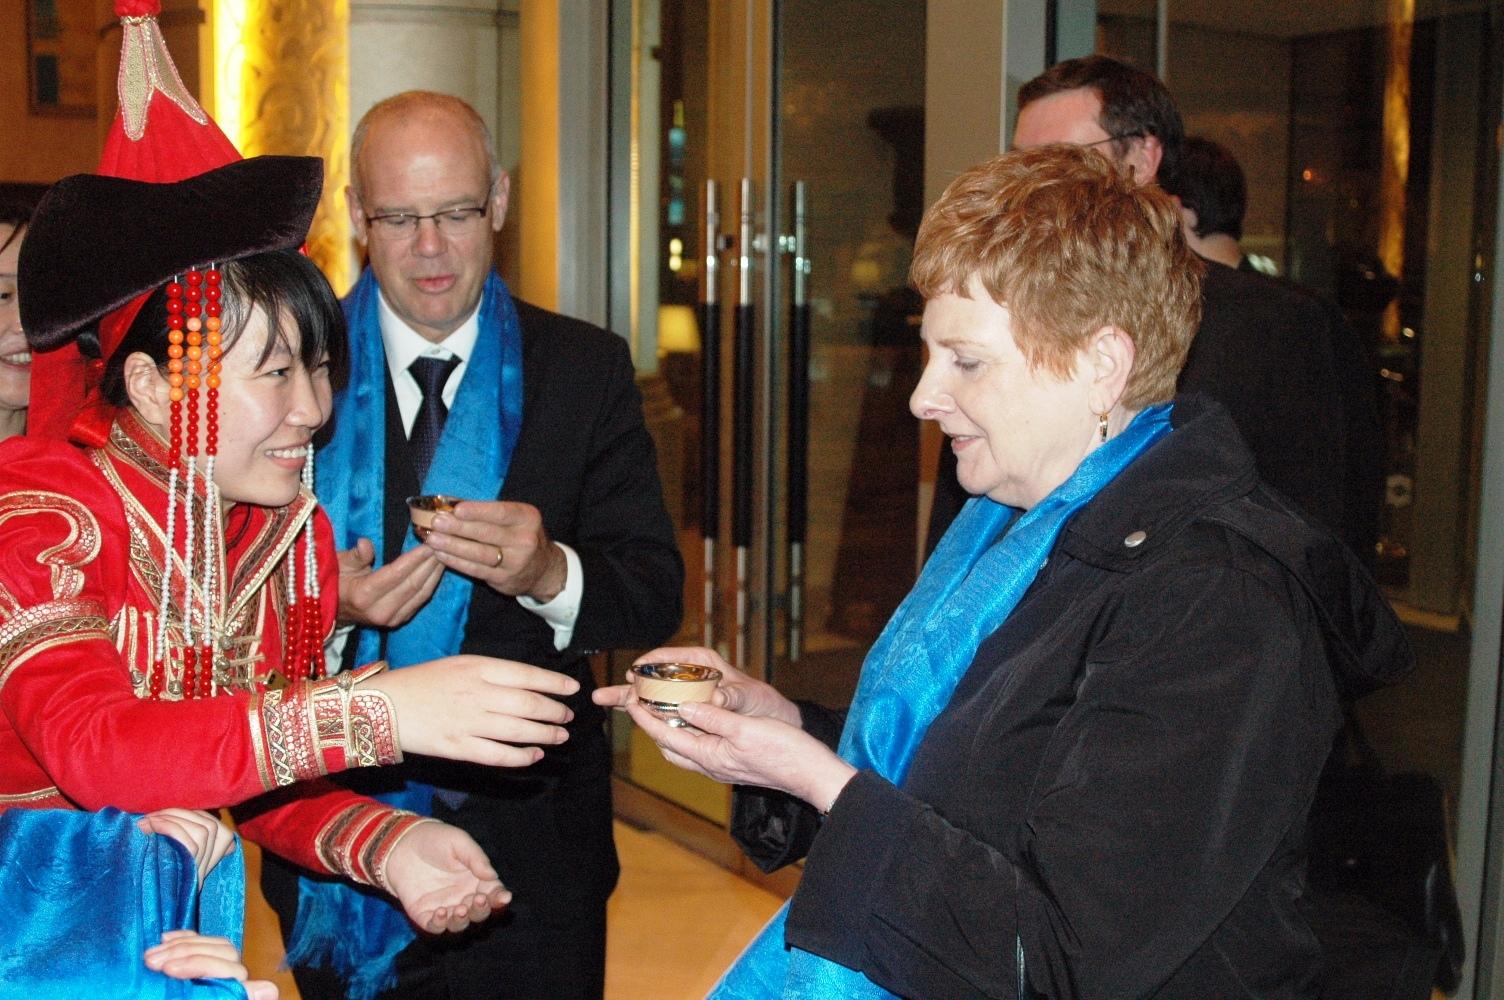 代表团达到包头,市长Mr. Dean Fortin和代理市长Ms. Gail Stephens在香格里拉大酒店 接受蒙古族最高待客礼仪:喝下马酒和献哈达